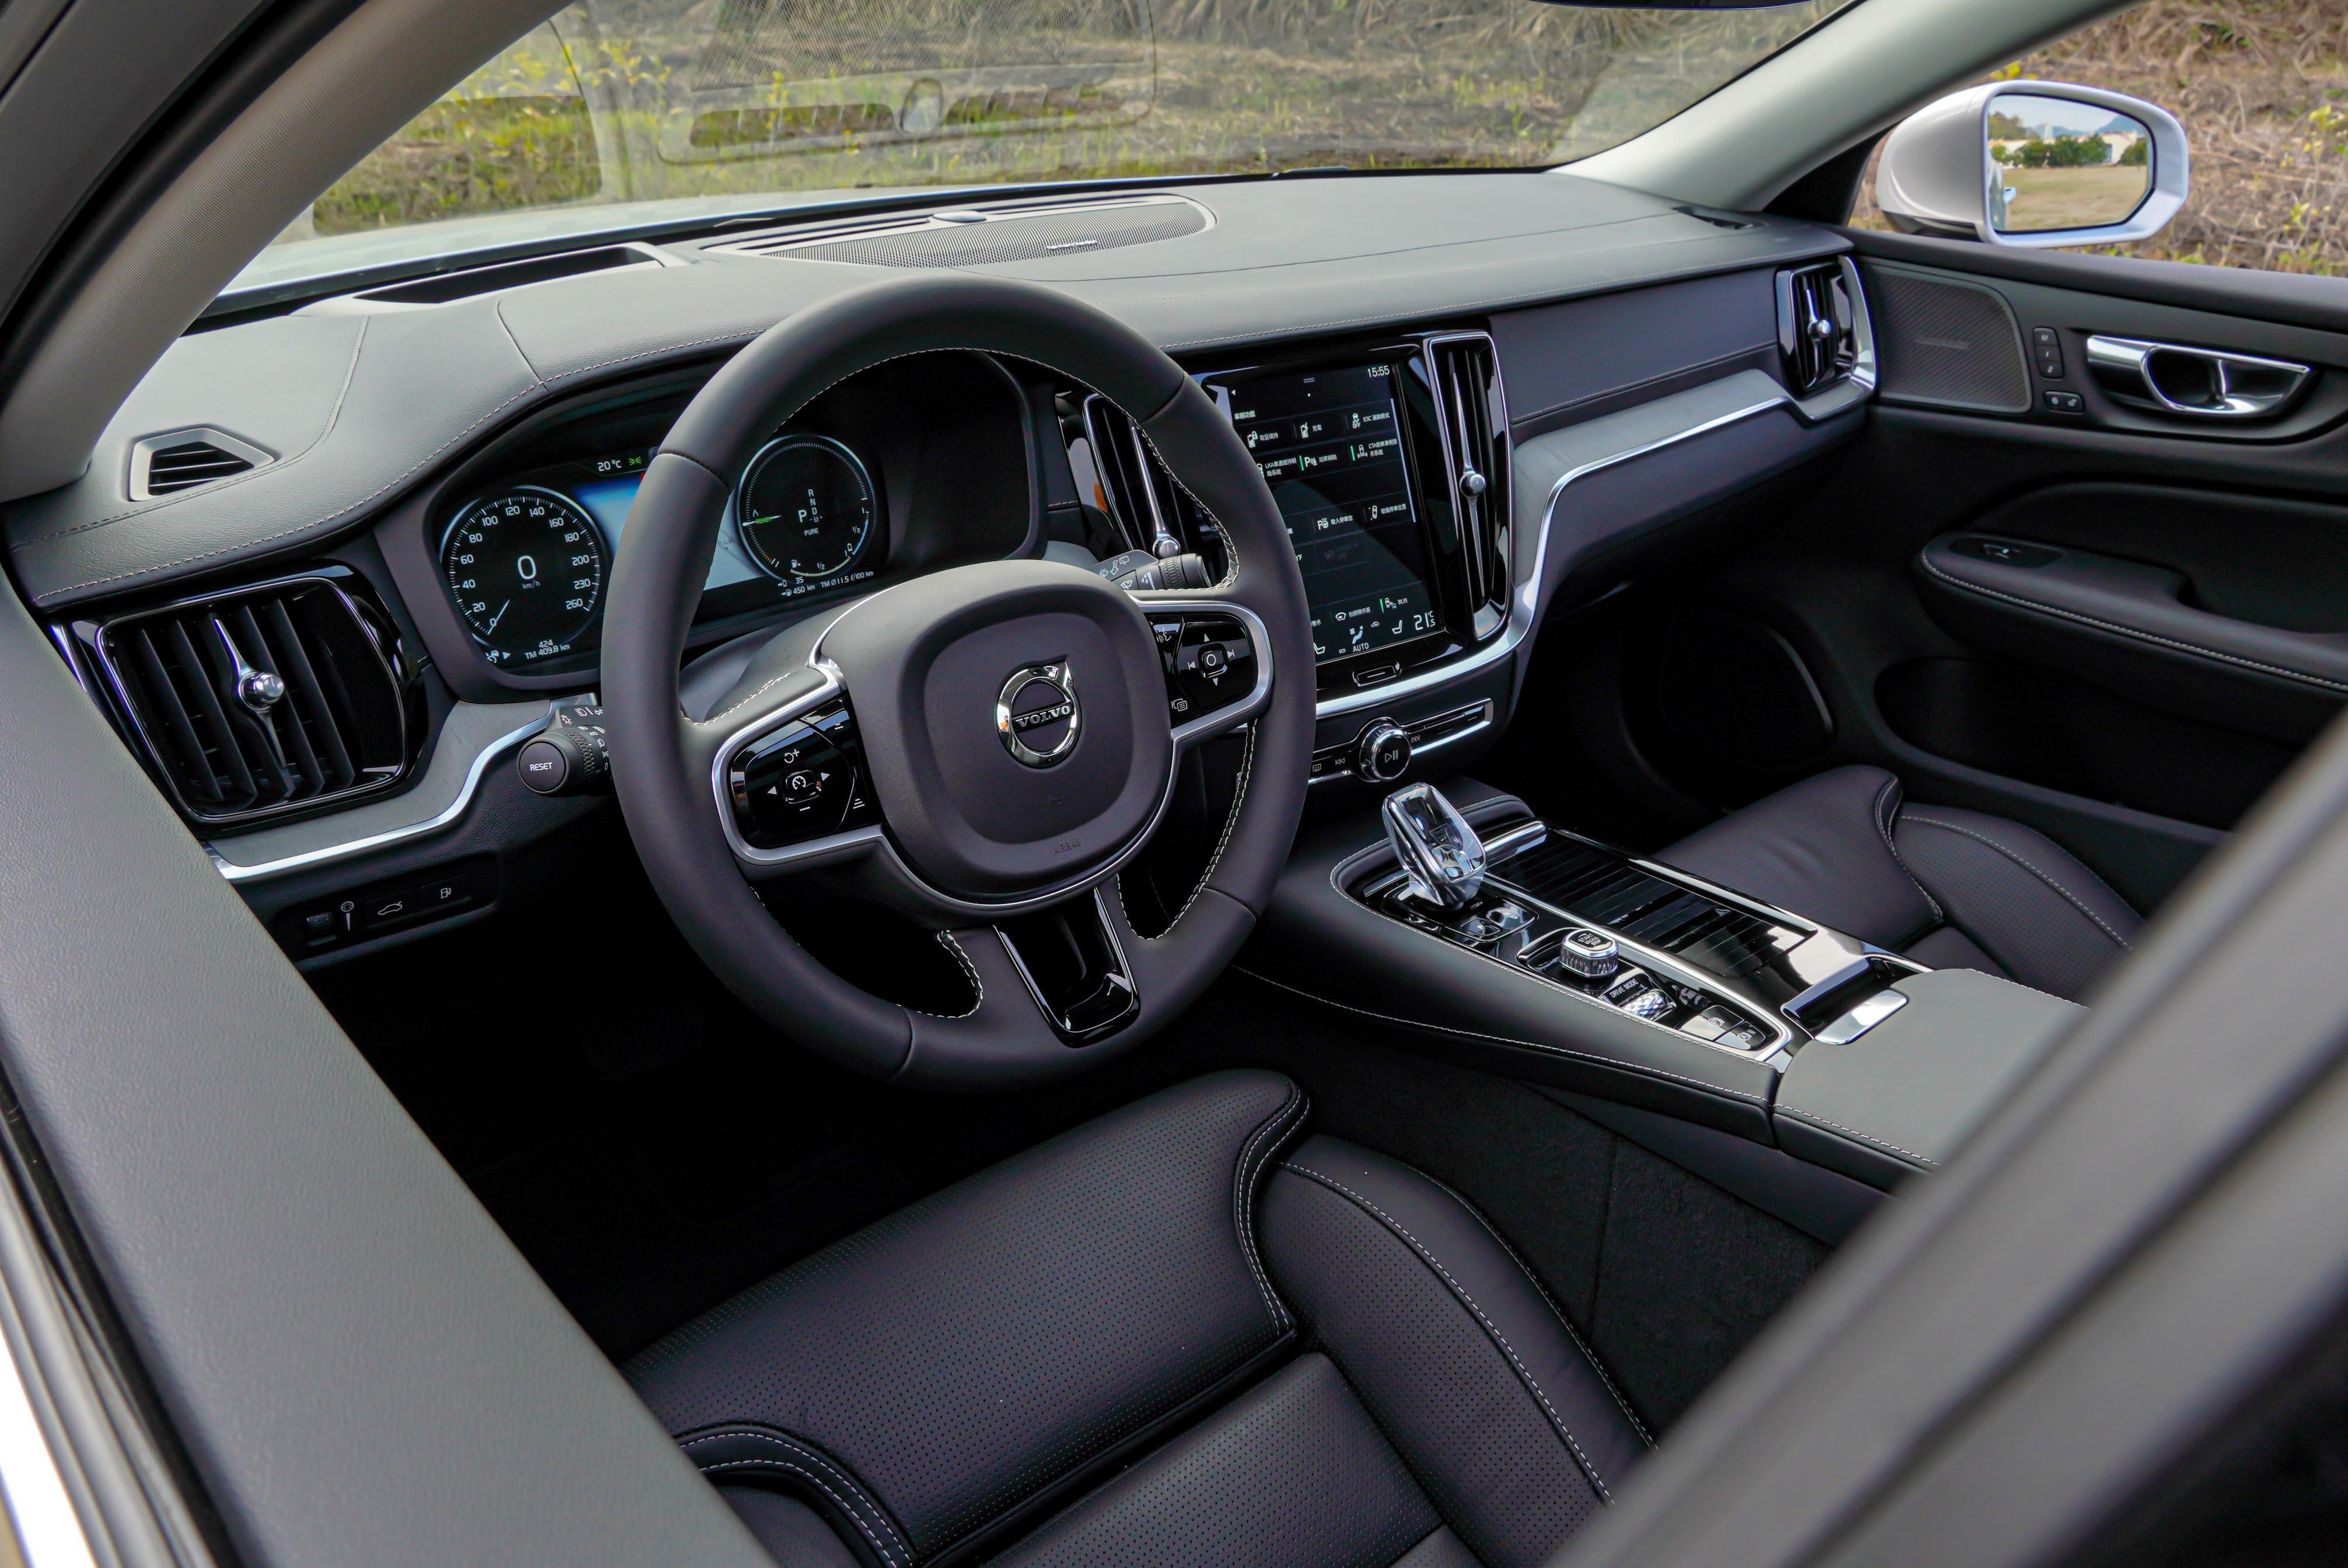 真皮銜覆鋁合金方向盤、Orrefors 水晶排檔桿頭、Driftwood 天然漂流木嵌飾內裝是 S60/V60 T6 Inscription 標配。